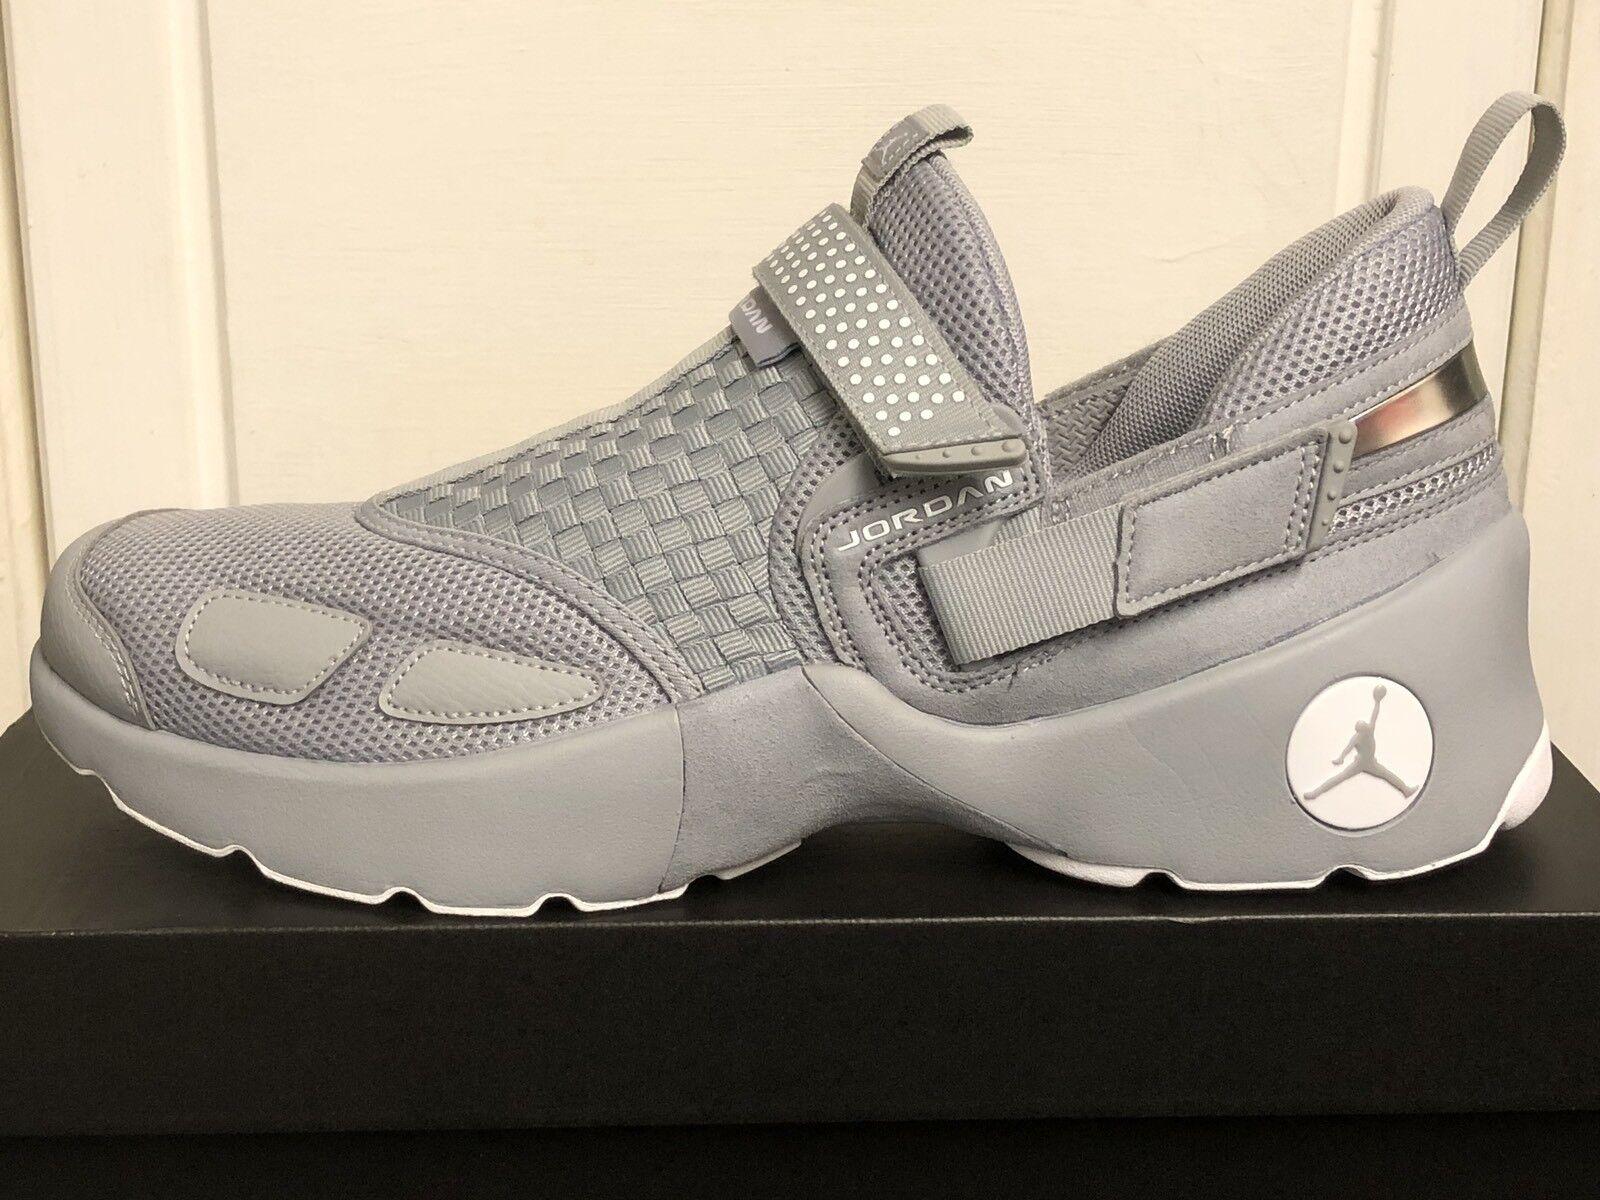 NIKE AIR JORDAN TRUNNER LX Homme TRAINERS SNEAKERS Chaussures10 EUR 45